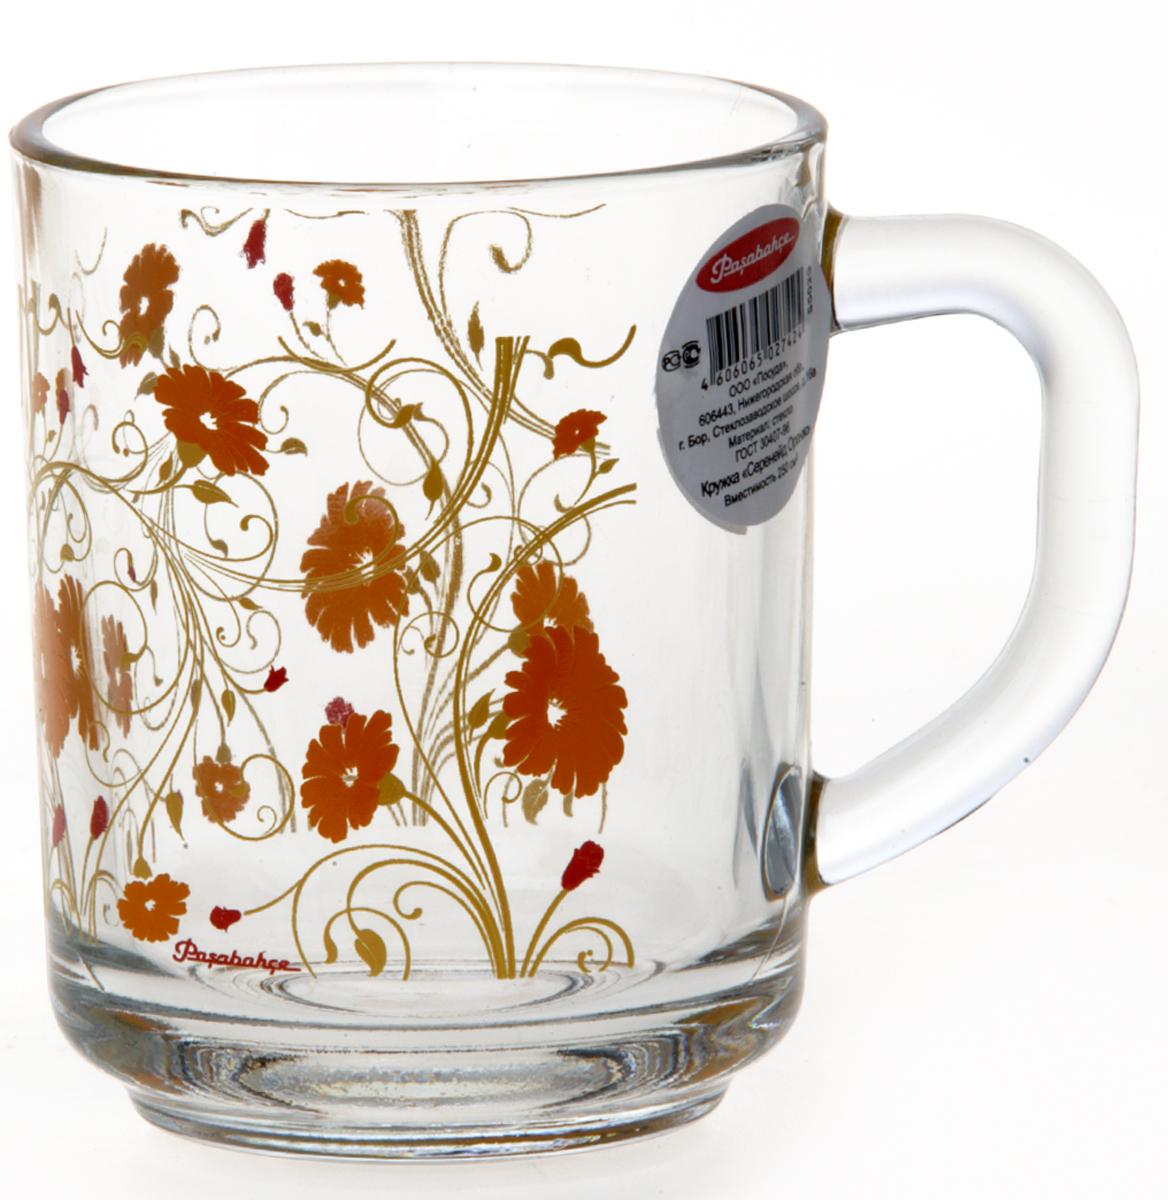 """Кружка Pasabahce """"Оранж Серенейд"""" идеально подходит для сервировки стола. Кружка не только украсит ваш кухонный стол, но и подчеркнет прекрасный вкус хозяйки."""